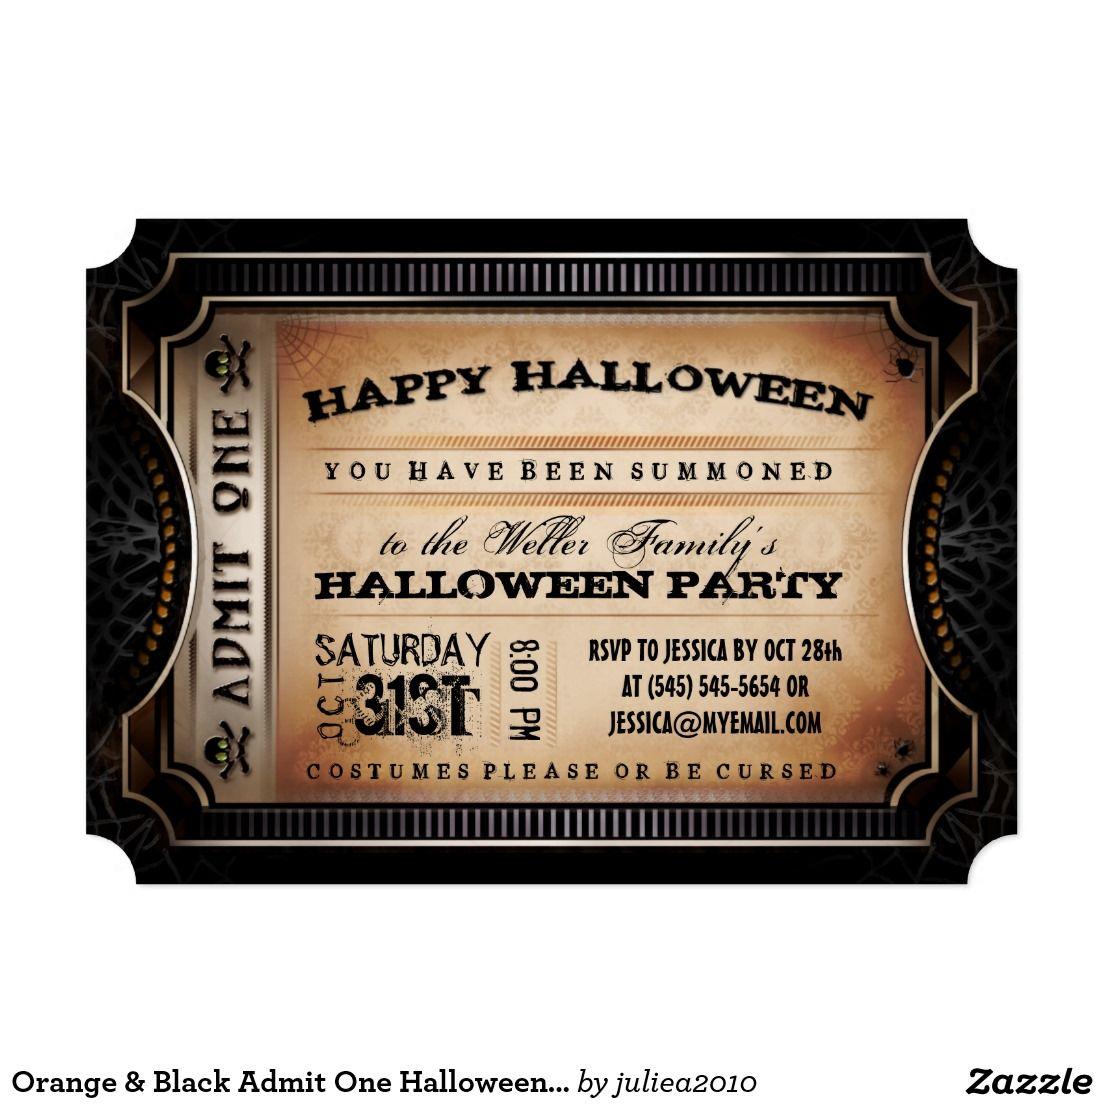 Orange & Black Admit One Halloween Party Ticket 5x7 Paper ...